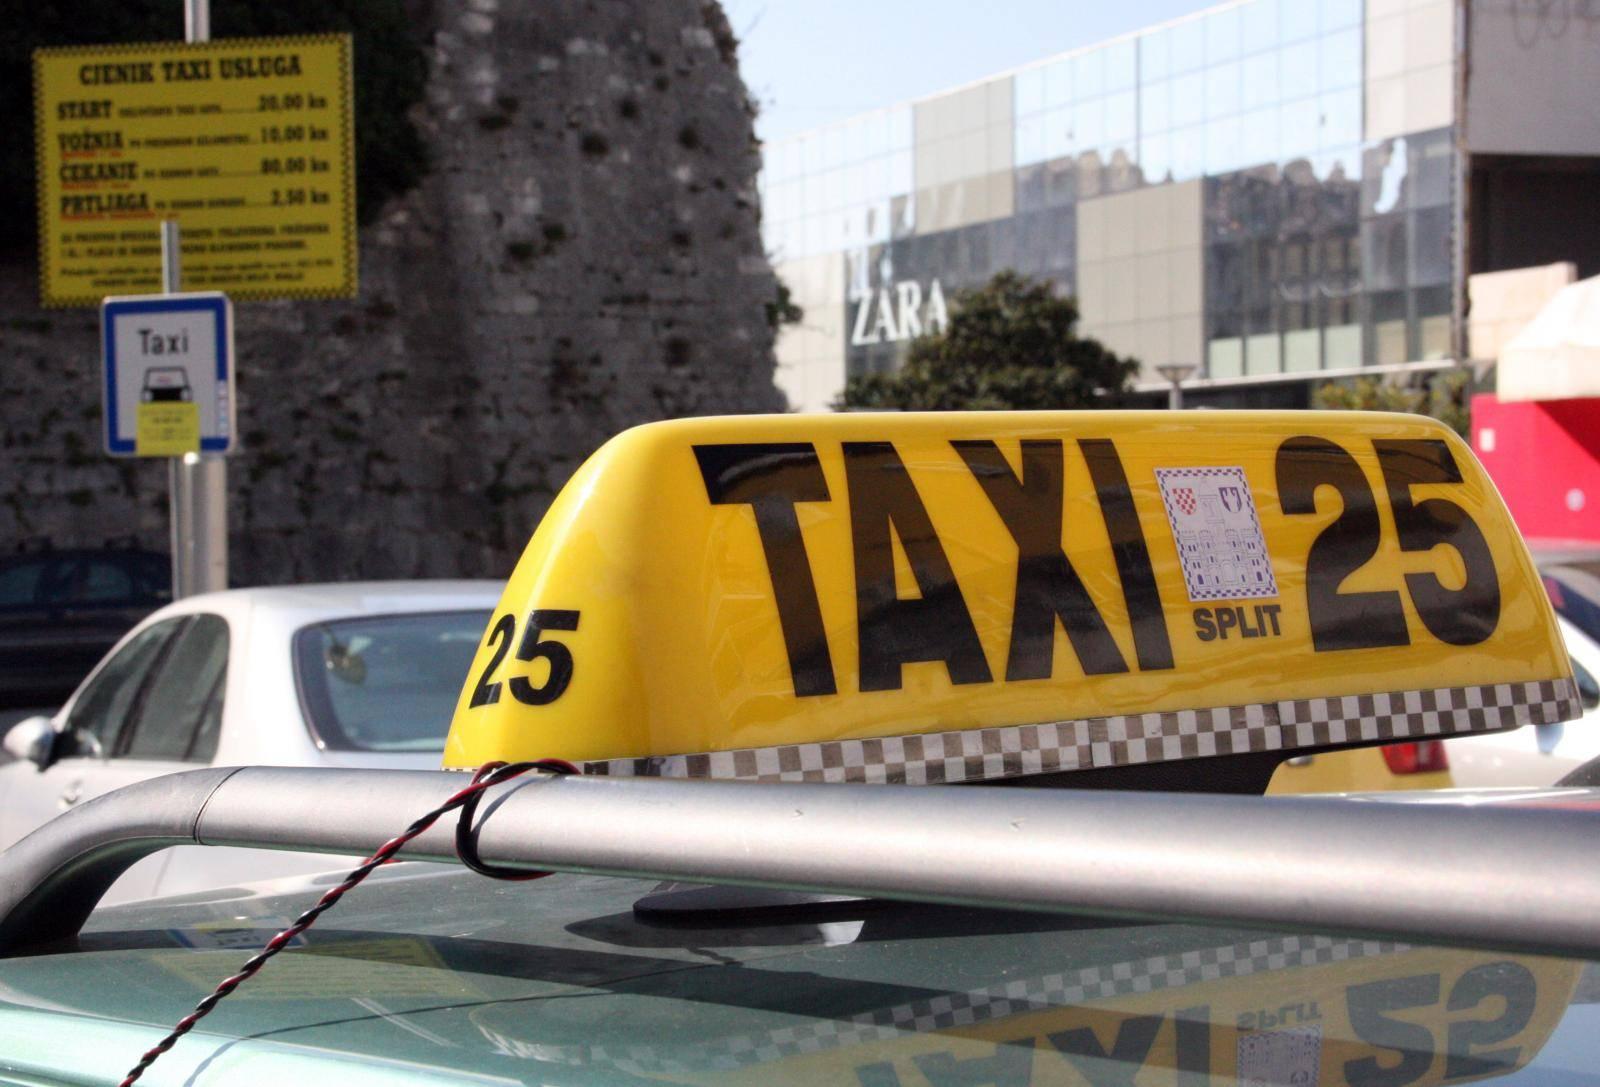 Zbog svađe oko računa taksist na Bačvicama istukao strance?